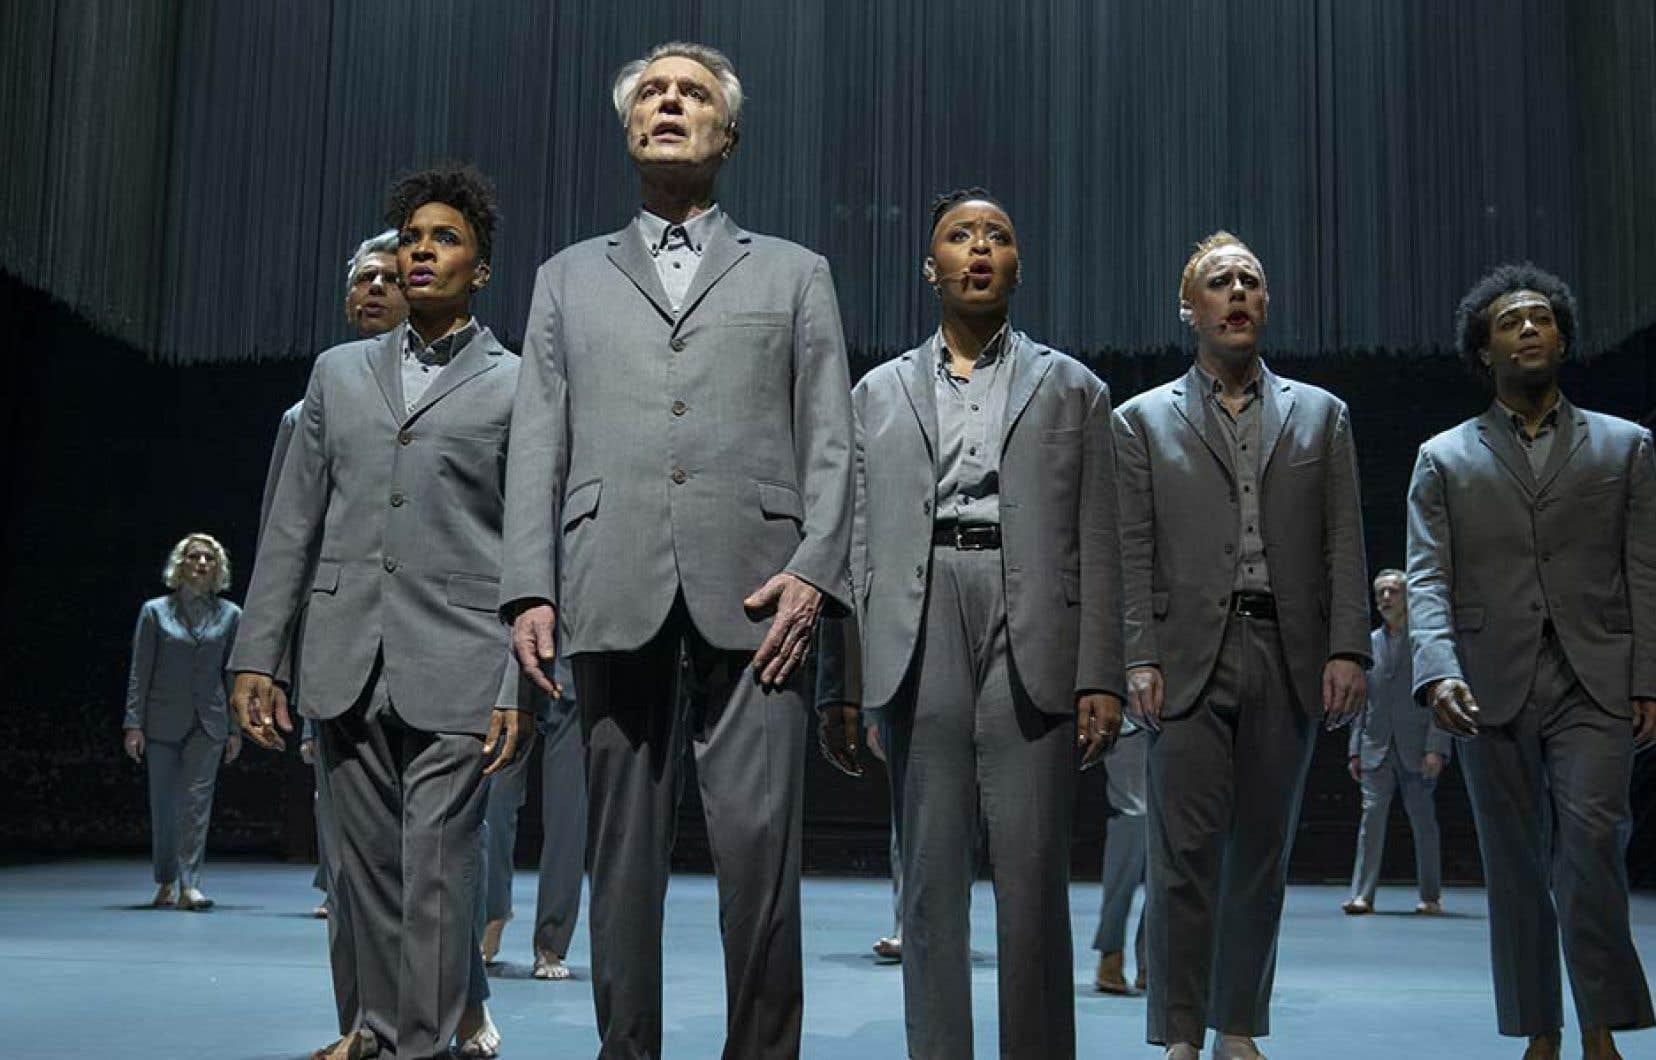 Le spectacle «American Utopia» de David Byrne, capté par Spike Lee, semble offrir une vision soudain bien optimiste du monde.